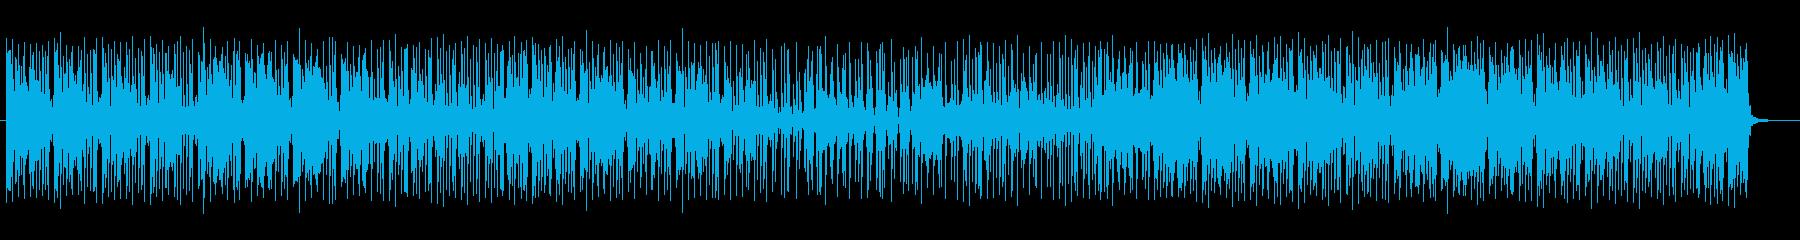 可憐で軽やかなシンセドラムポップスの再生済みの波形